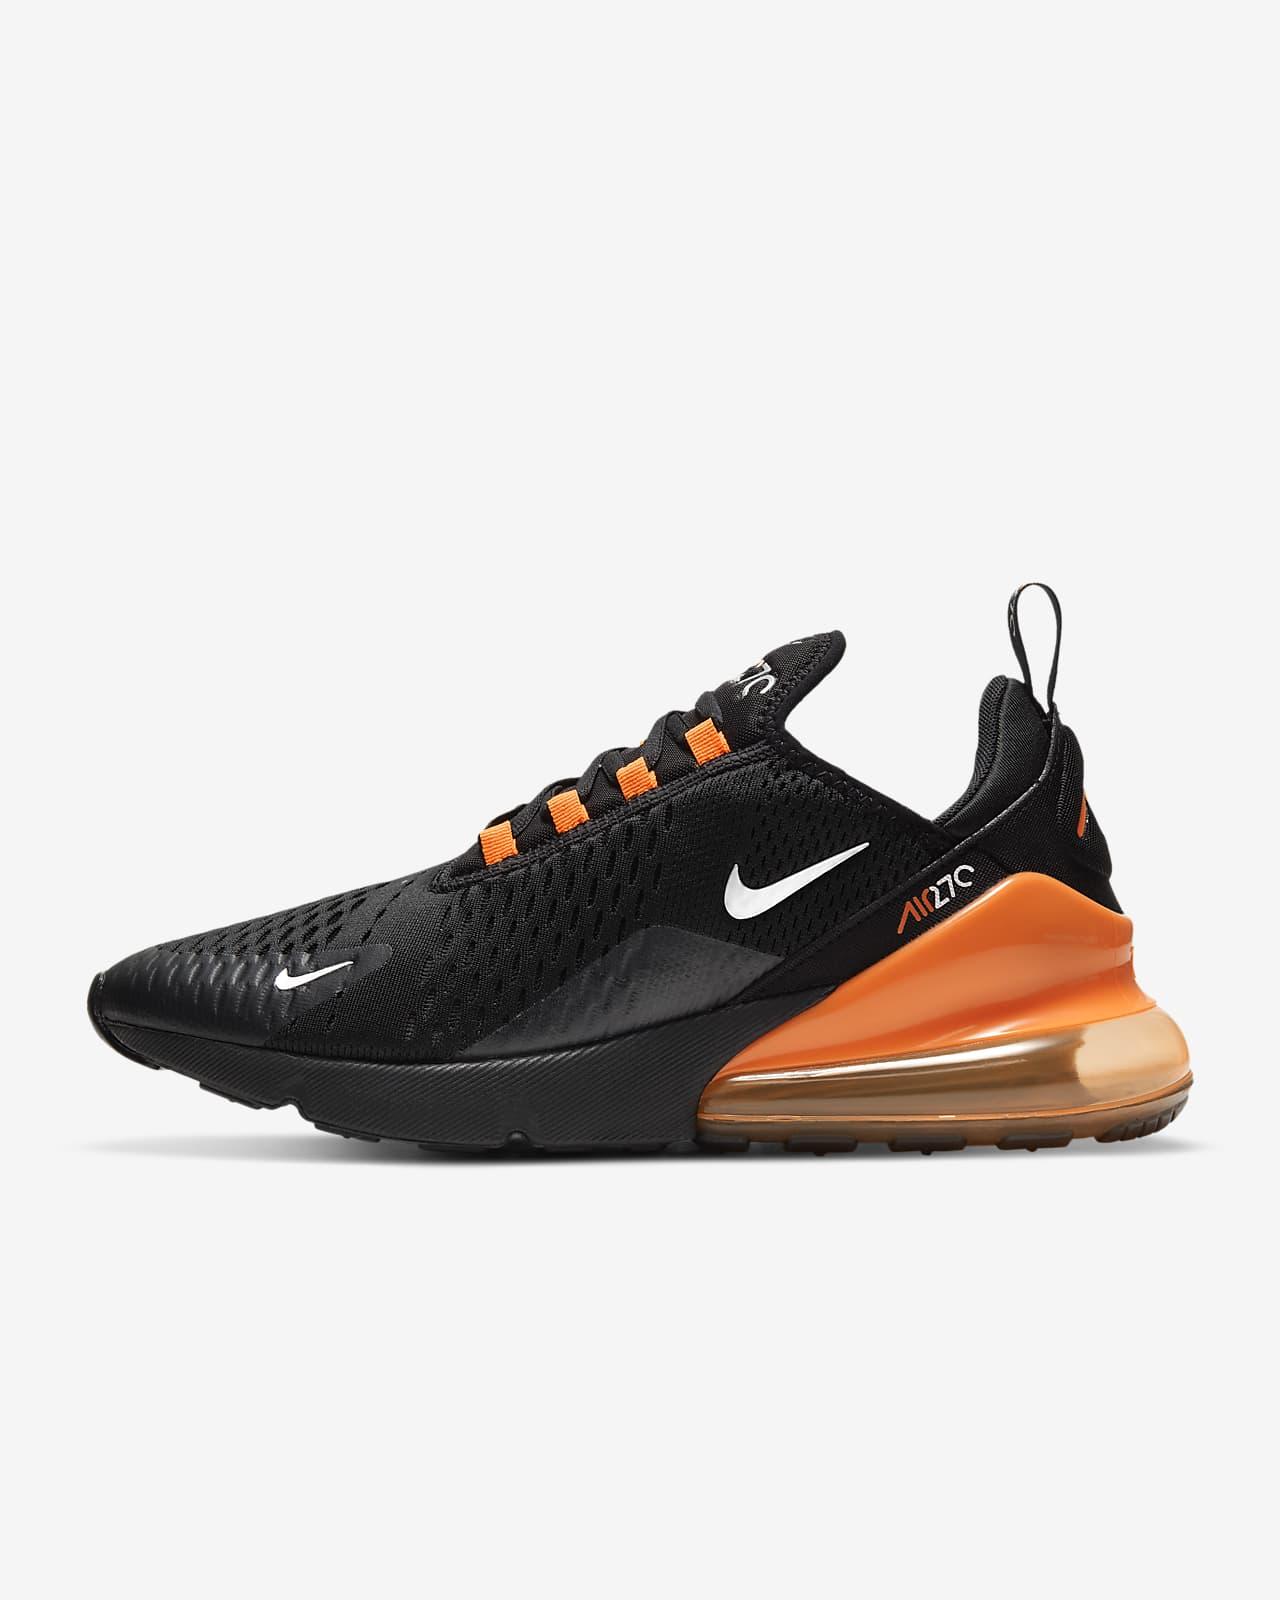 Nike Air Max 270 férficipő